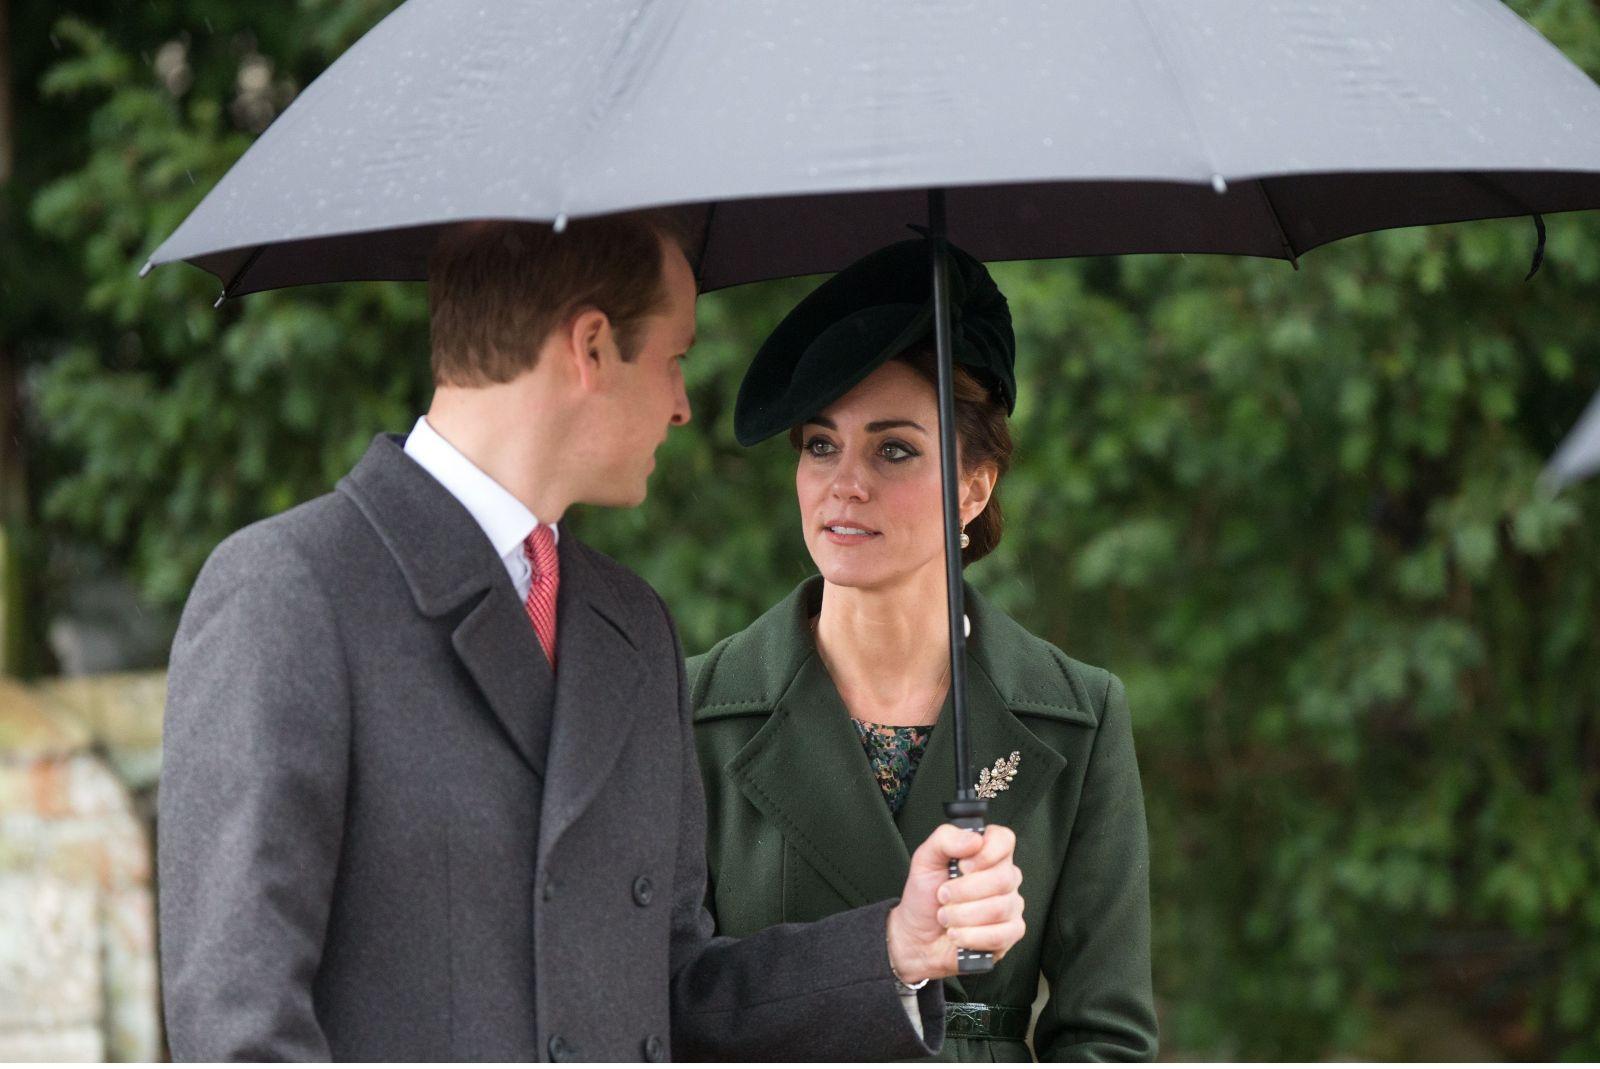 Кейт Миддлтон покорила публику стильным нарядом на церковной службе